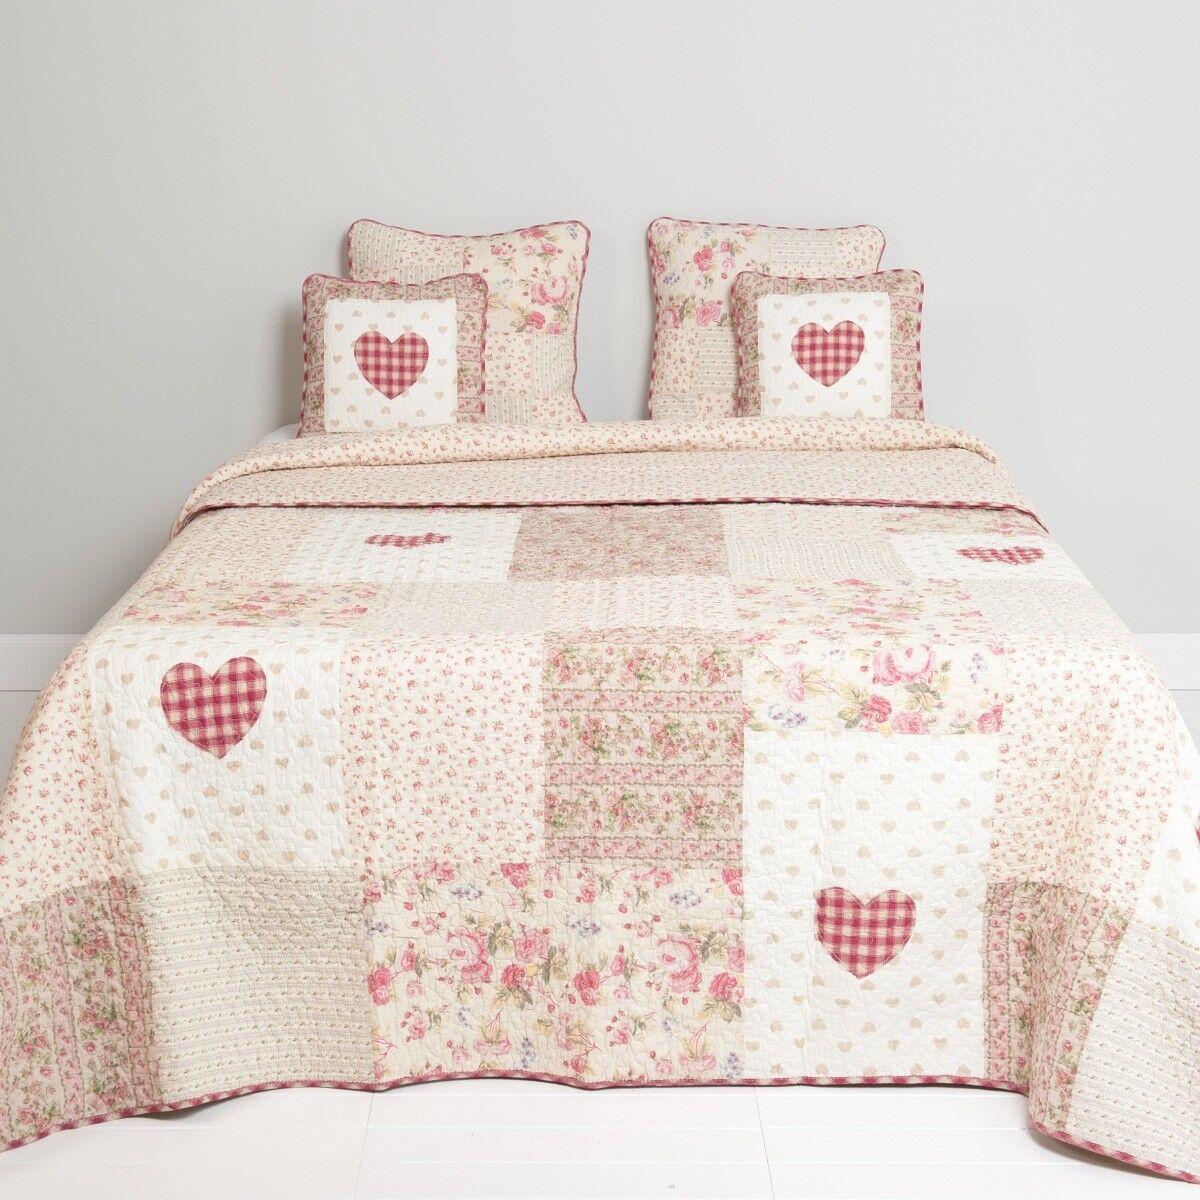 COPRILETTO Heart rosa 230x260 cm cuore crema naturale rosa rosa rosa rosso a79e72